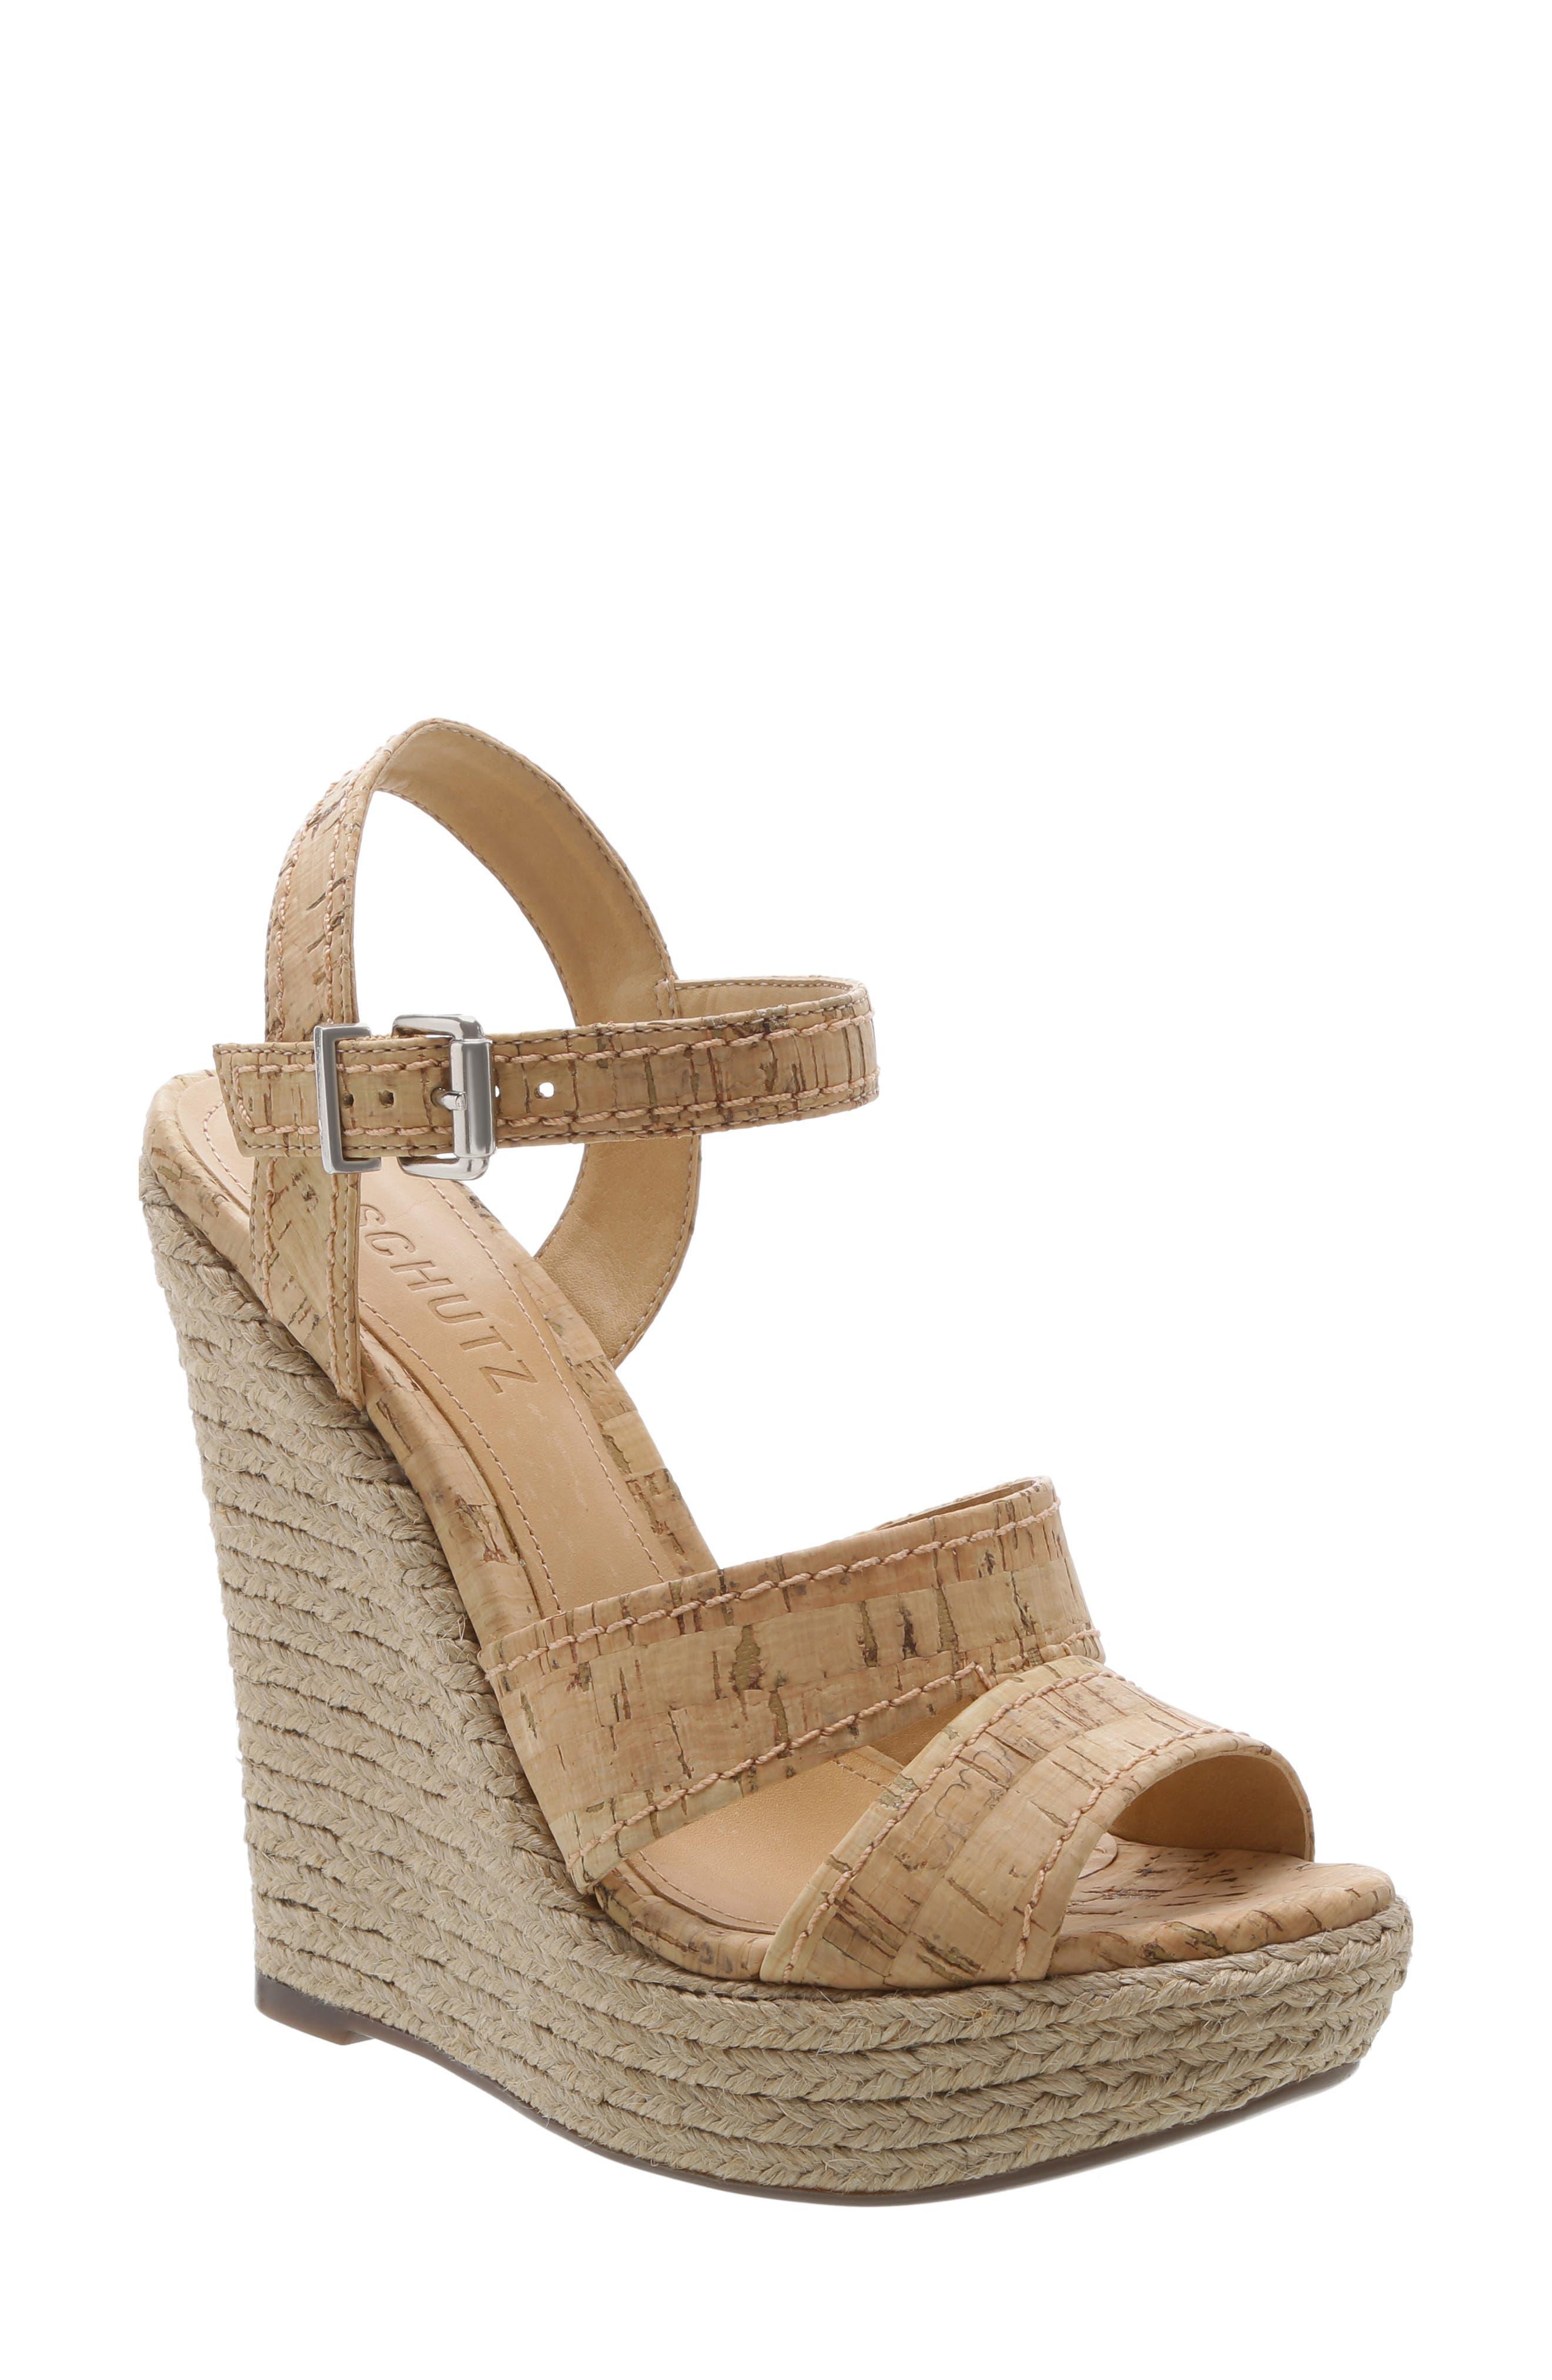 Schutz Dorida Platform Wedge Sandal, Brown